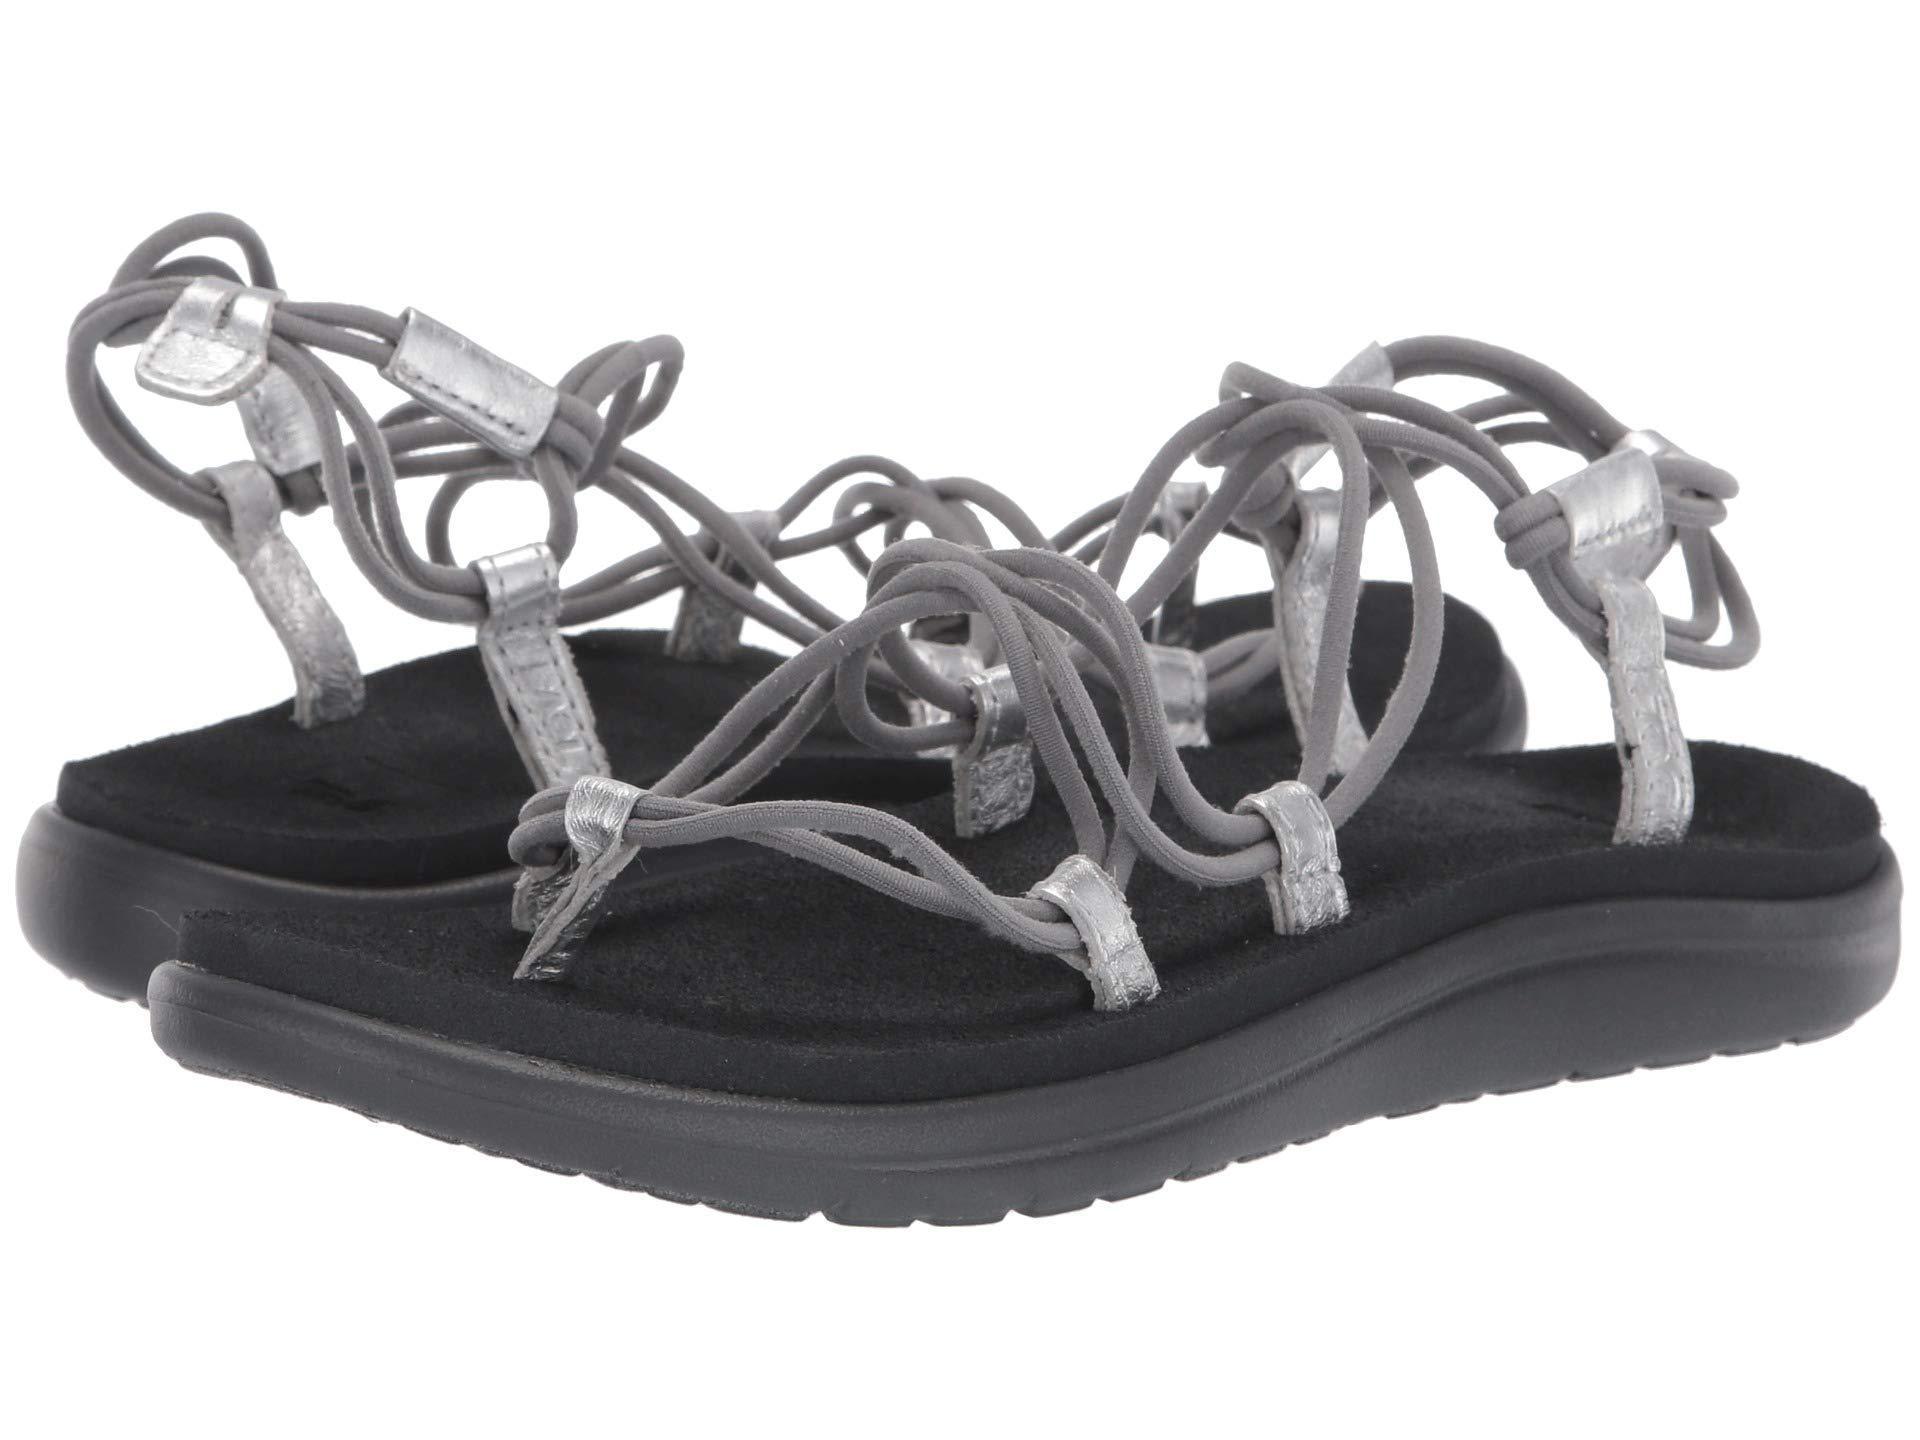 866e5c92b0b9 Lyst - Teva Voya Infinity Metallic (grey silver) Women s Shoes in ...